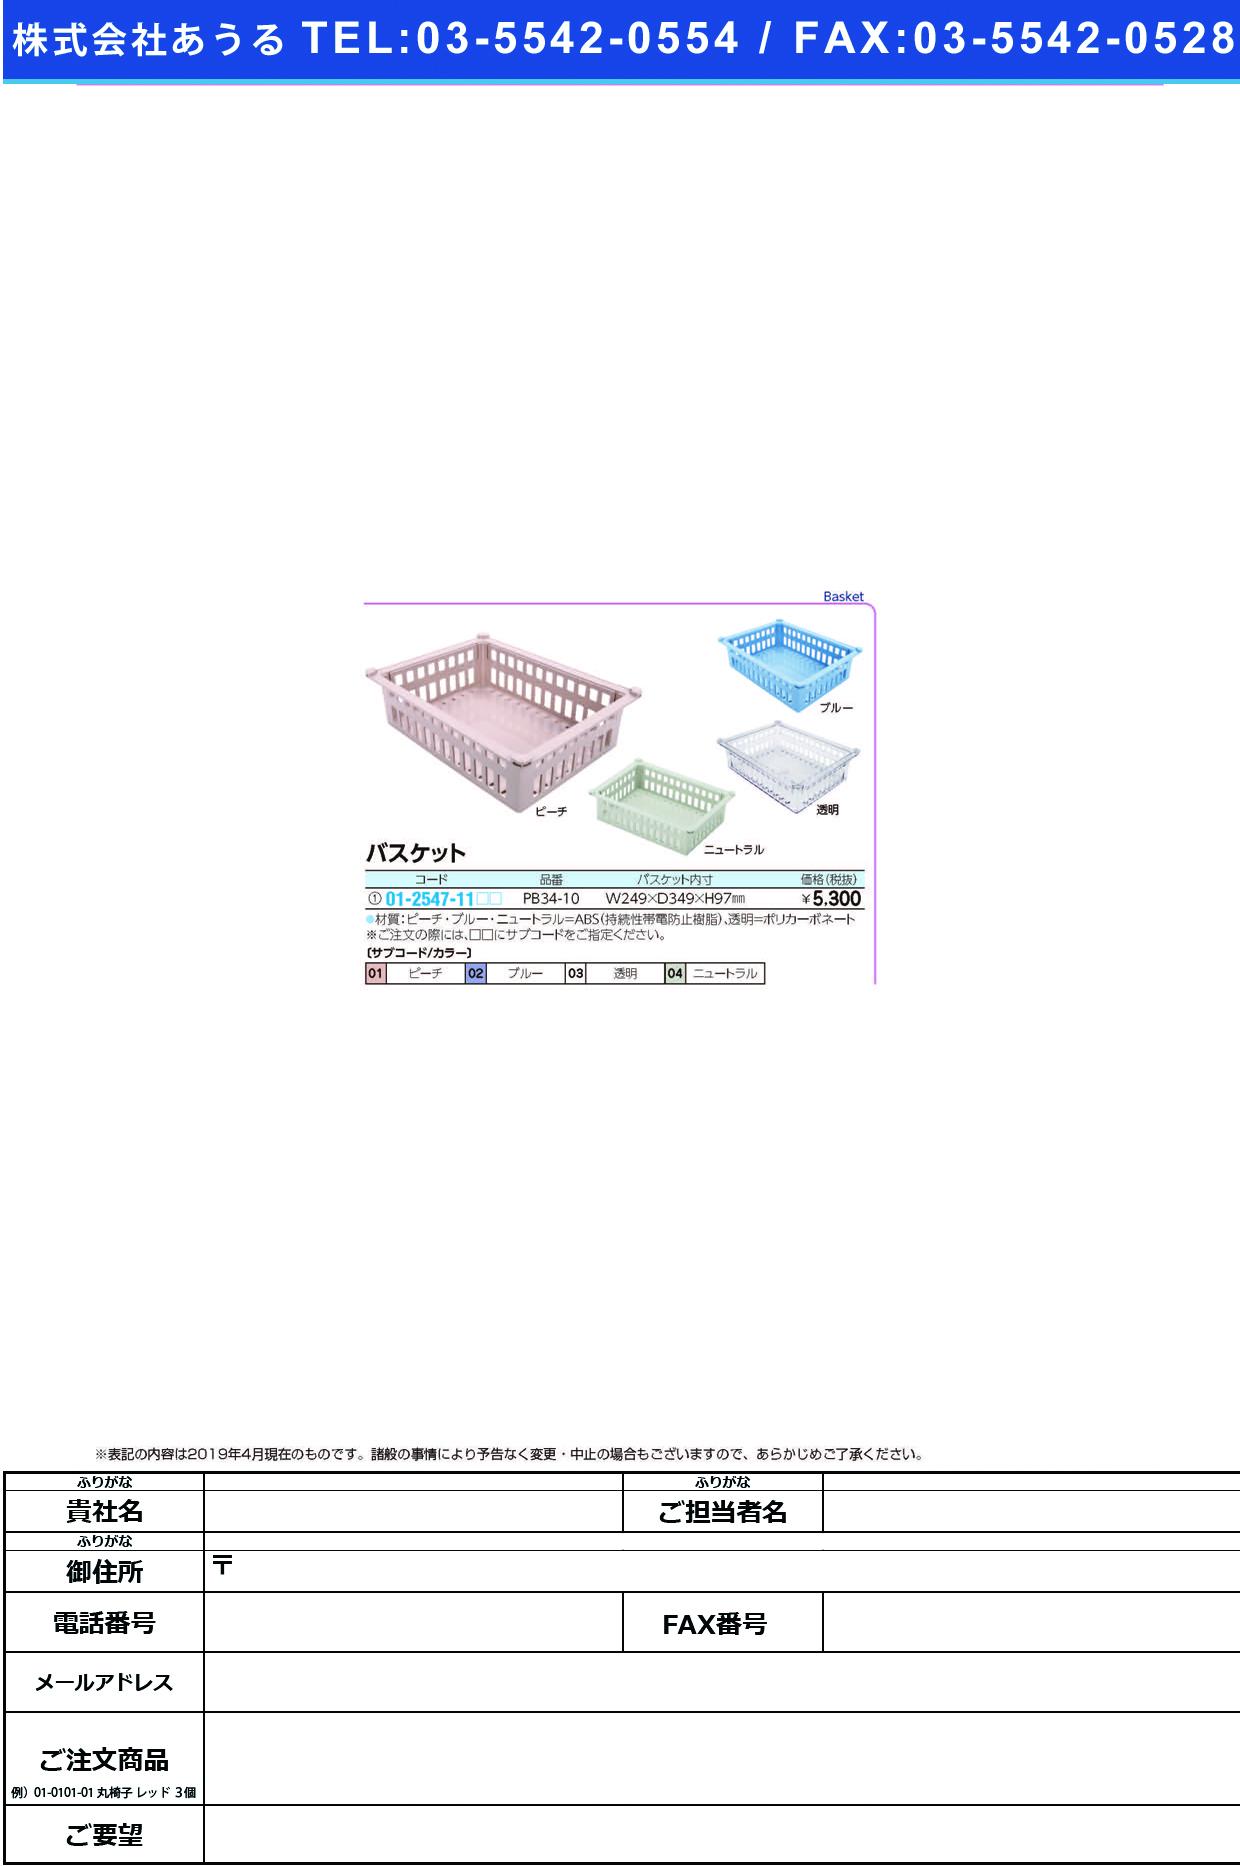 (01-2547-11)プラスチックバスケット PB34-10 プラスチックバスケット ピーチ(サカセ化学工業)【1枚単位】【2019年カタログ商品】